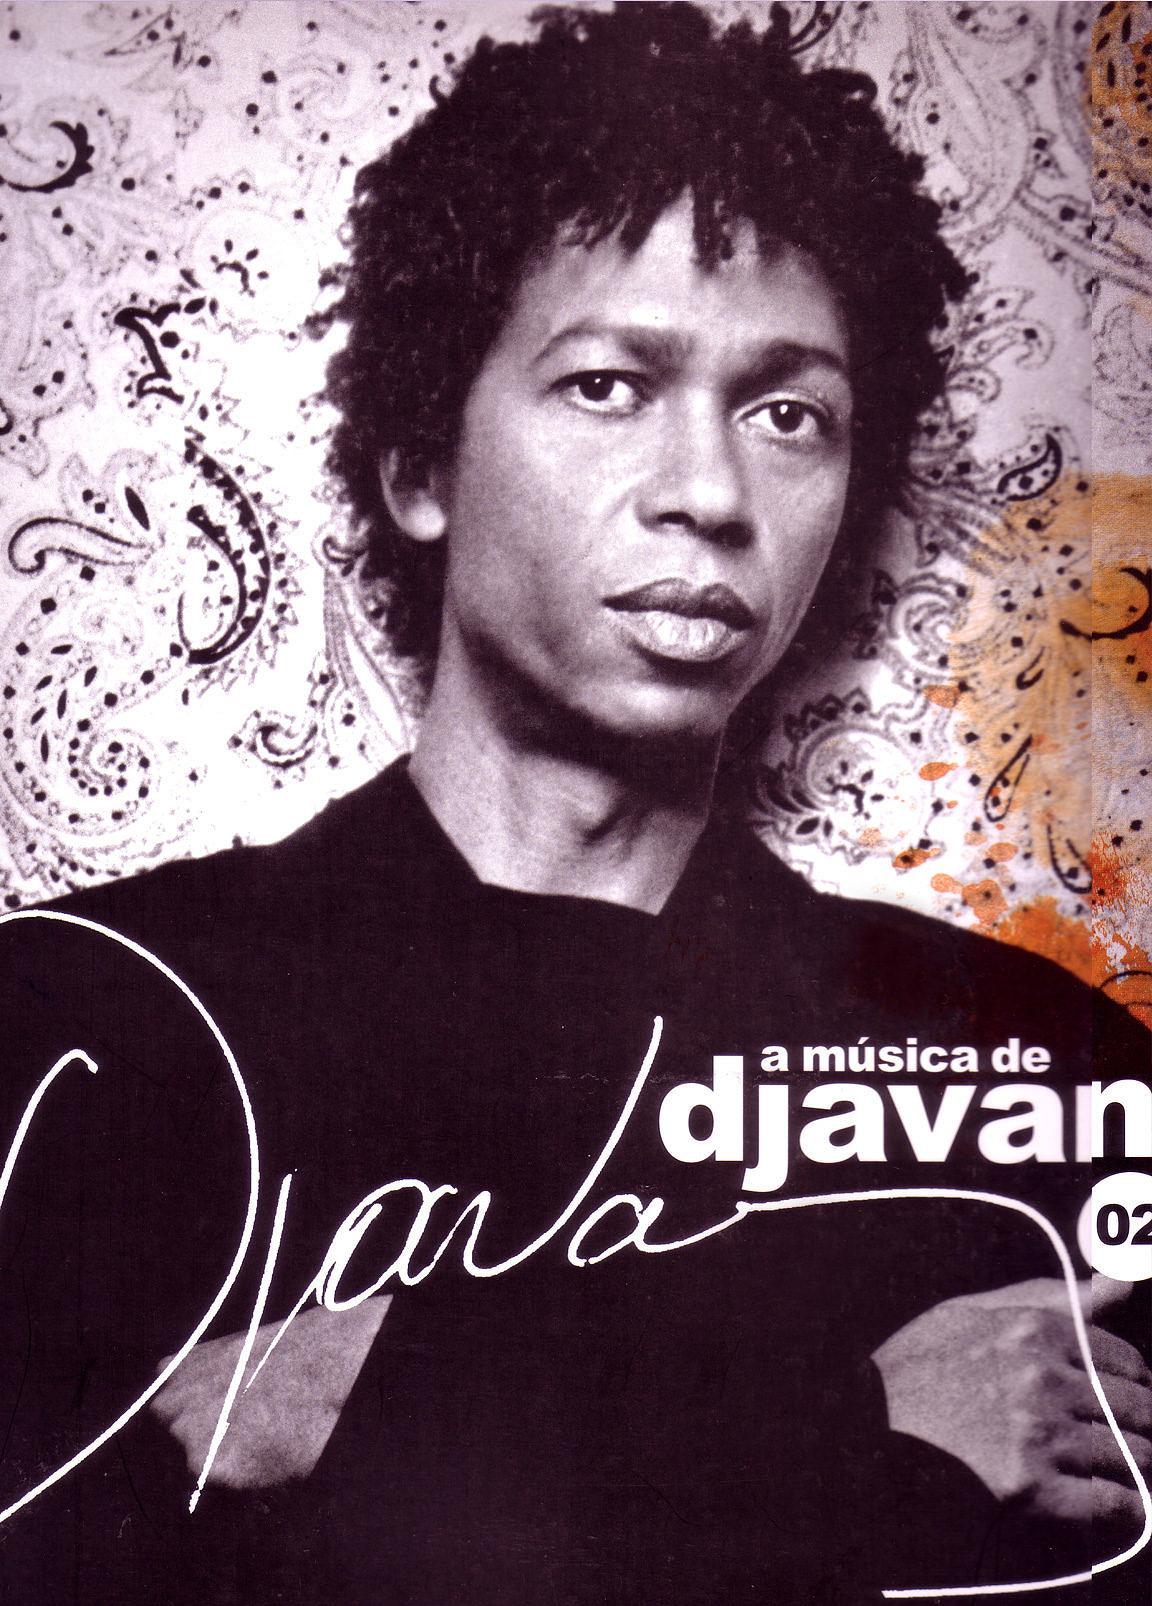 A Música de Djavan Vol 2